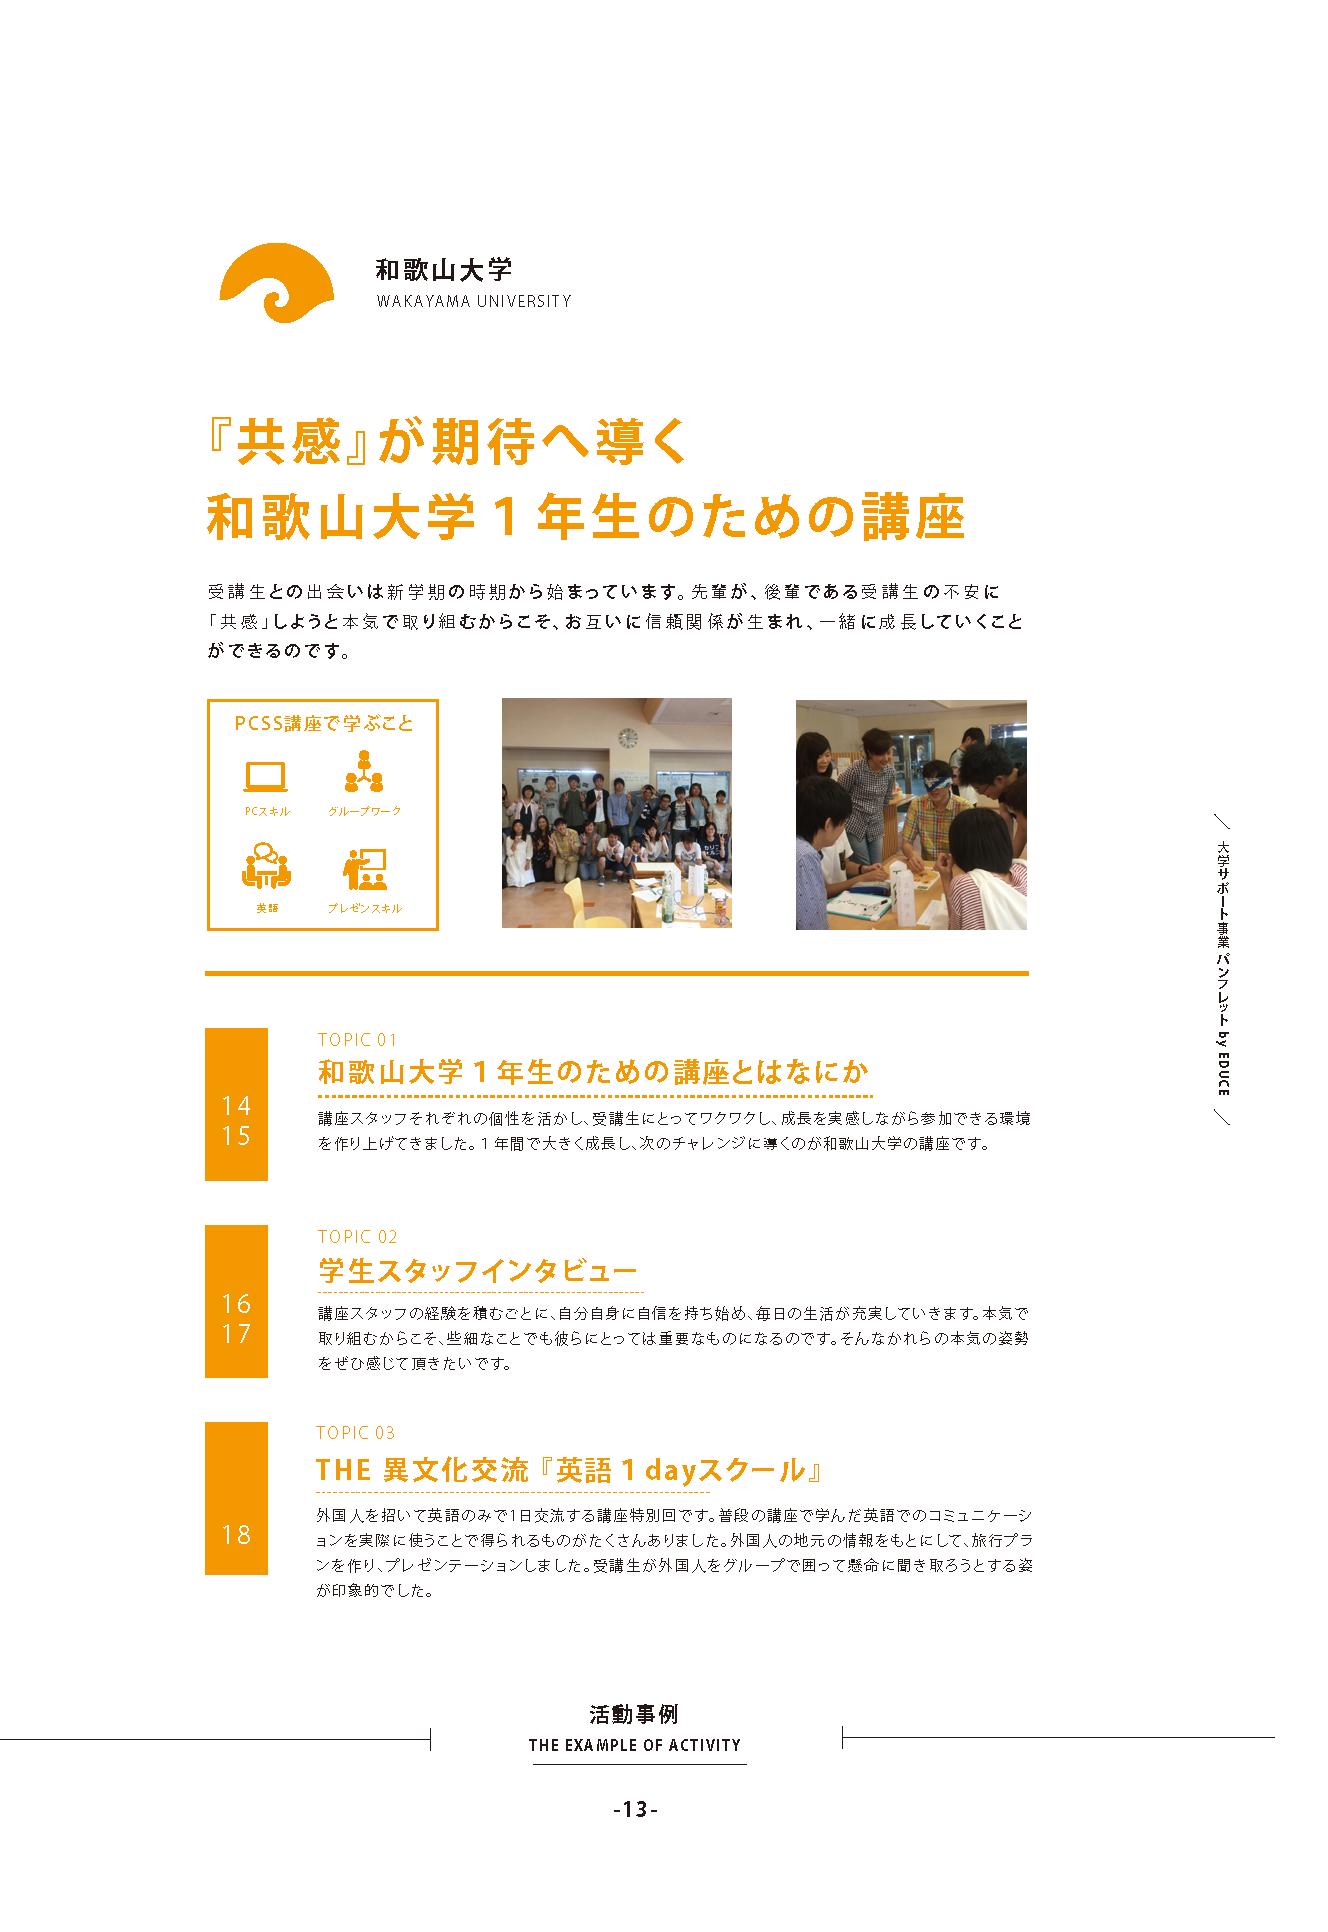 スタッフ急成長中!和歌山大学1年生のための講座